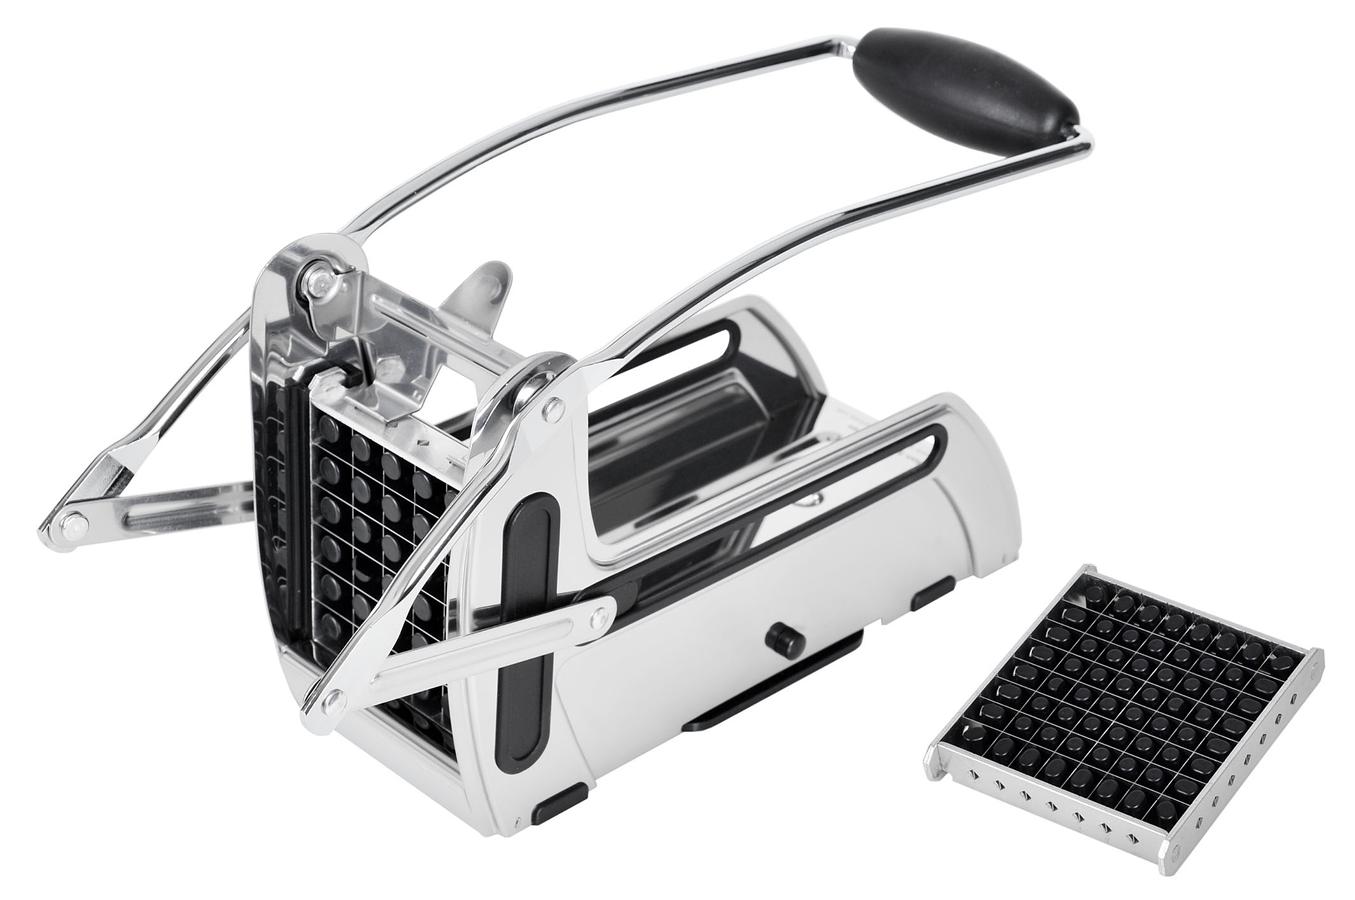 Accessoire de d coupe progressive coupe frites professionnel 1330977 darty - Coupe frite professionnel metro ...